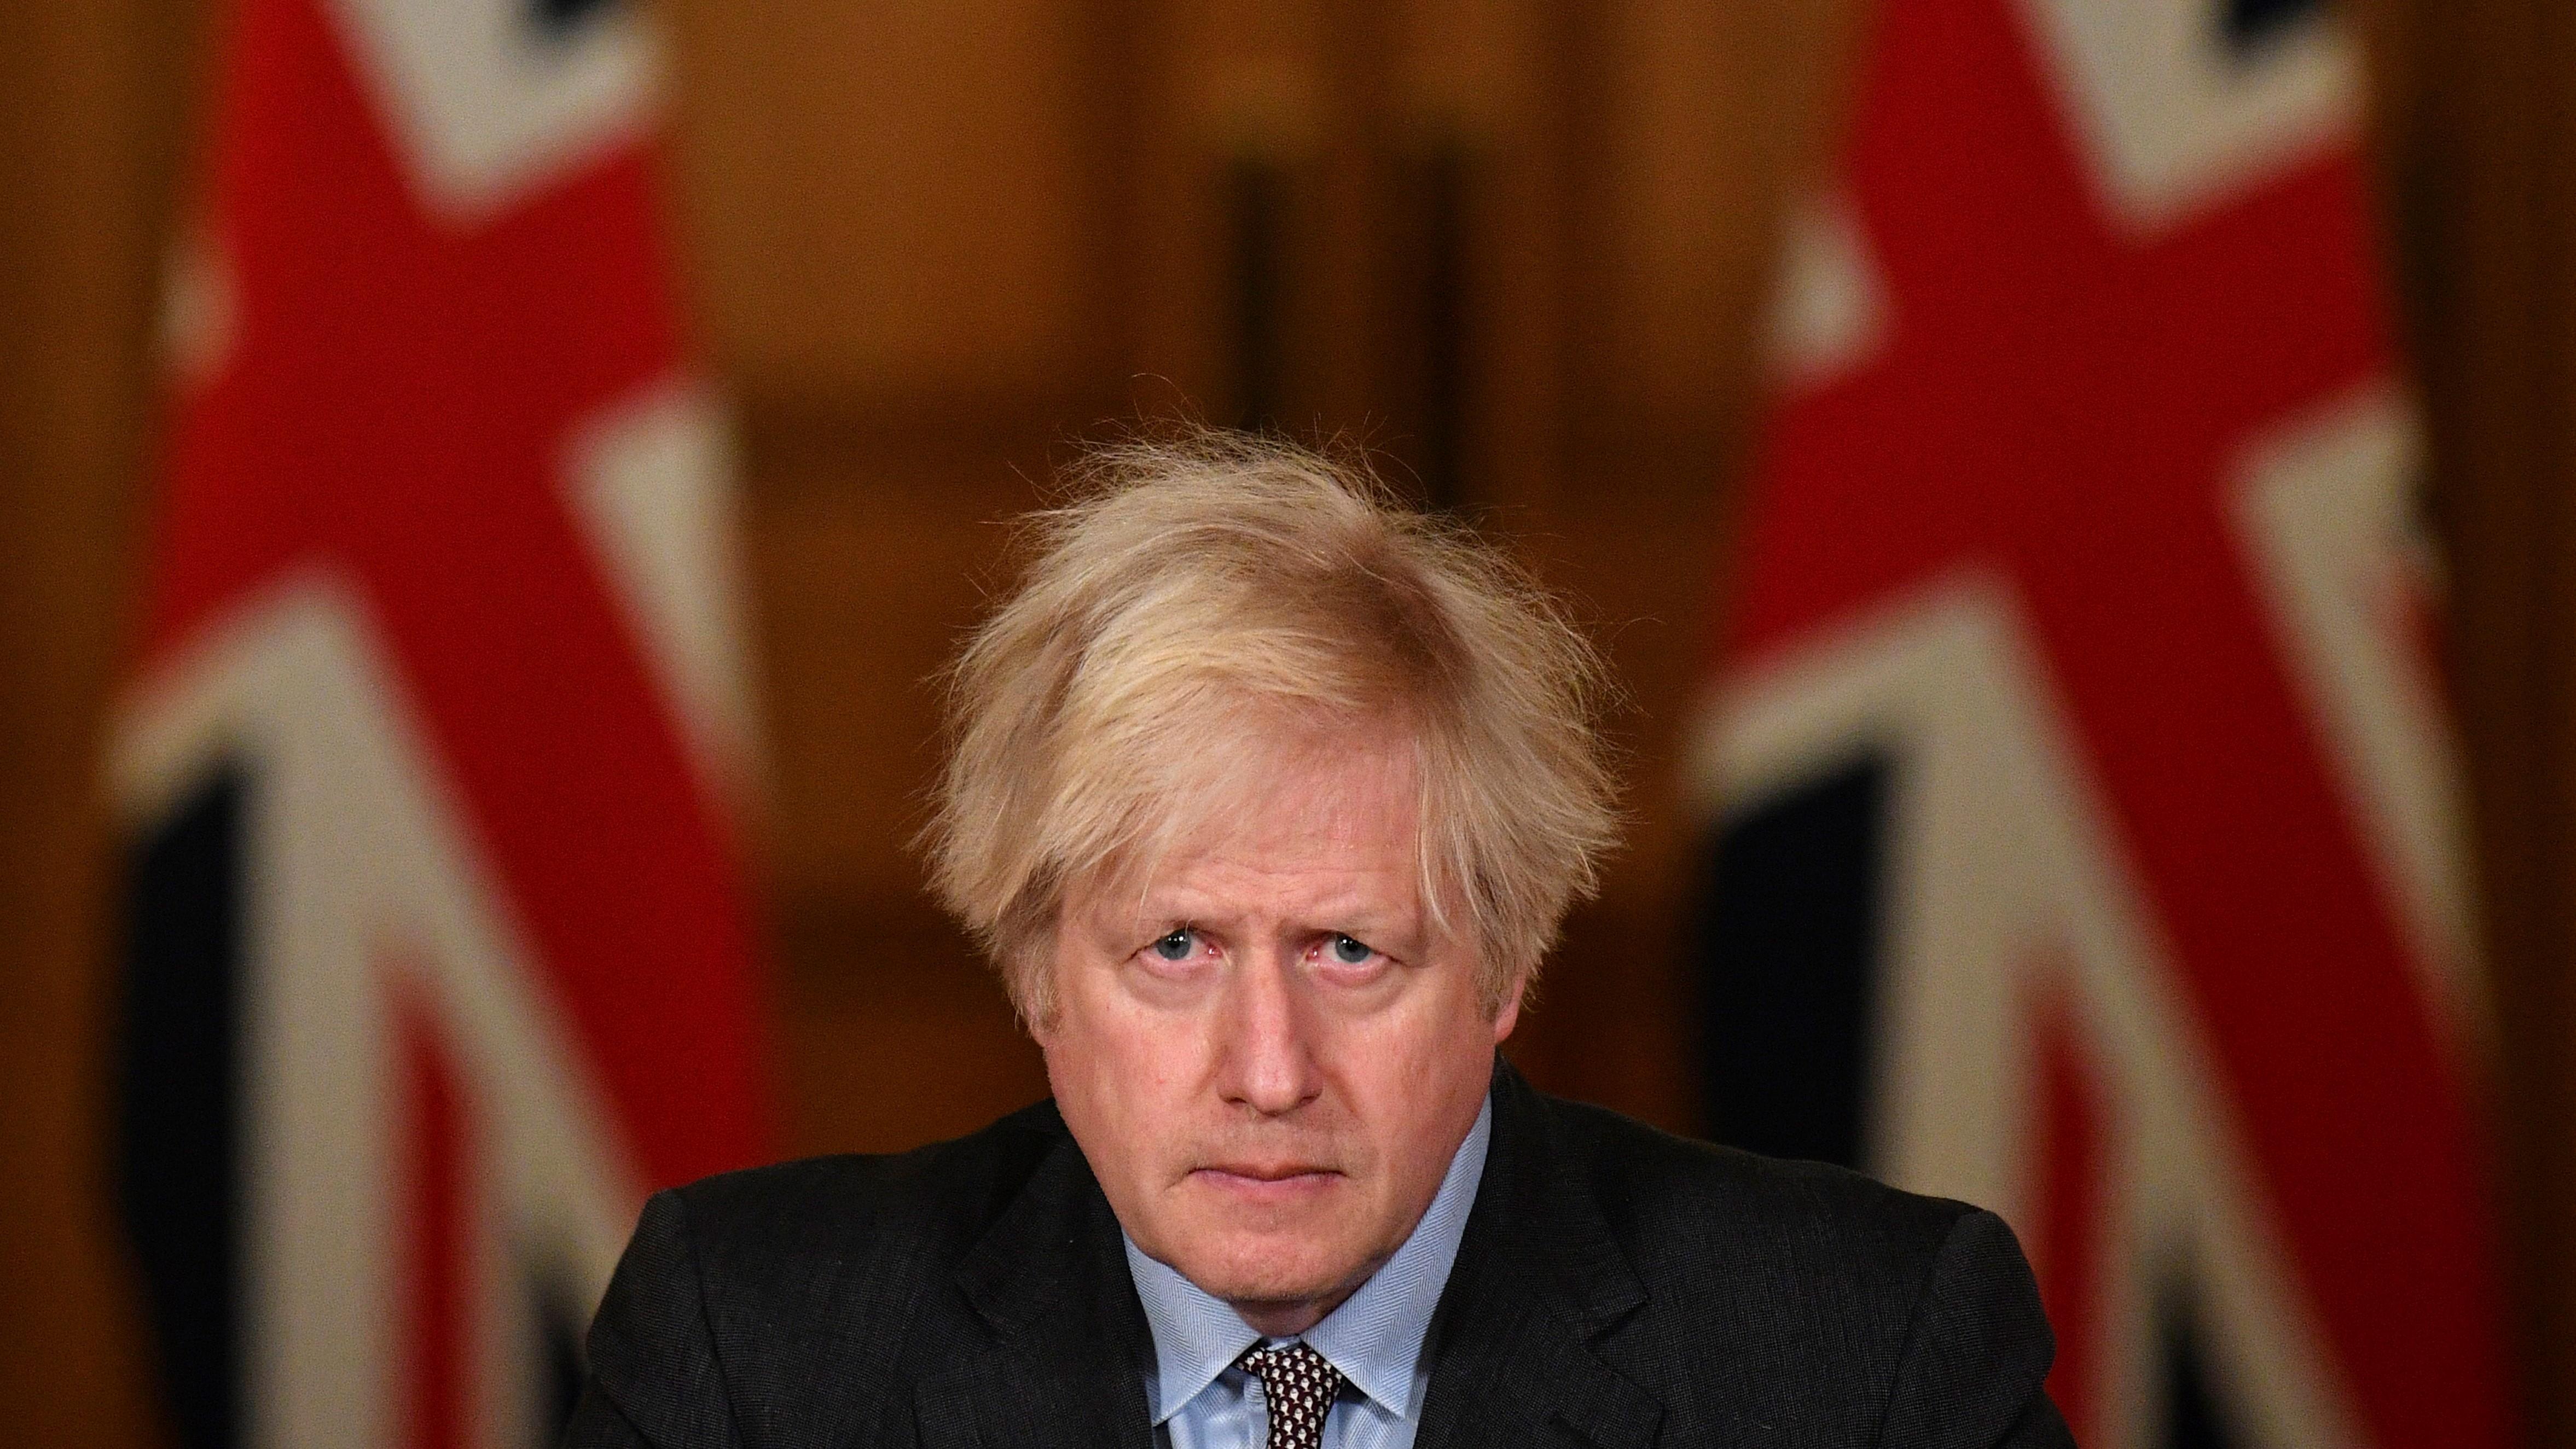 Boris Johnson brit miniszterelnök online sajtótájékoztatót tart a londoni kormányfői rezidencián 2021. január 26-án.